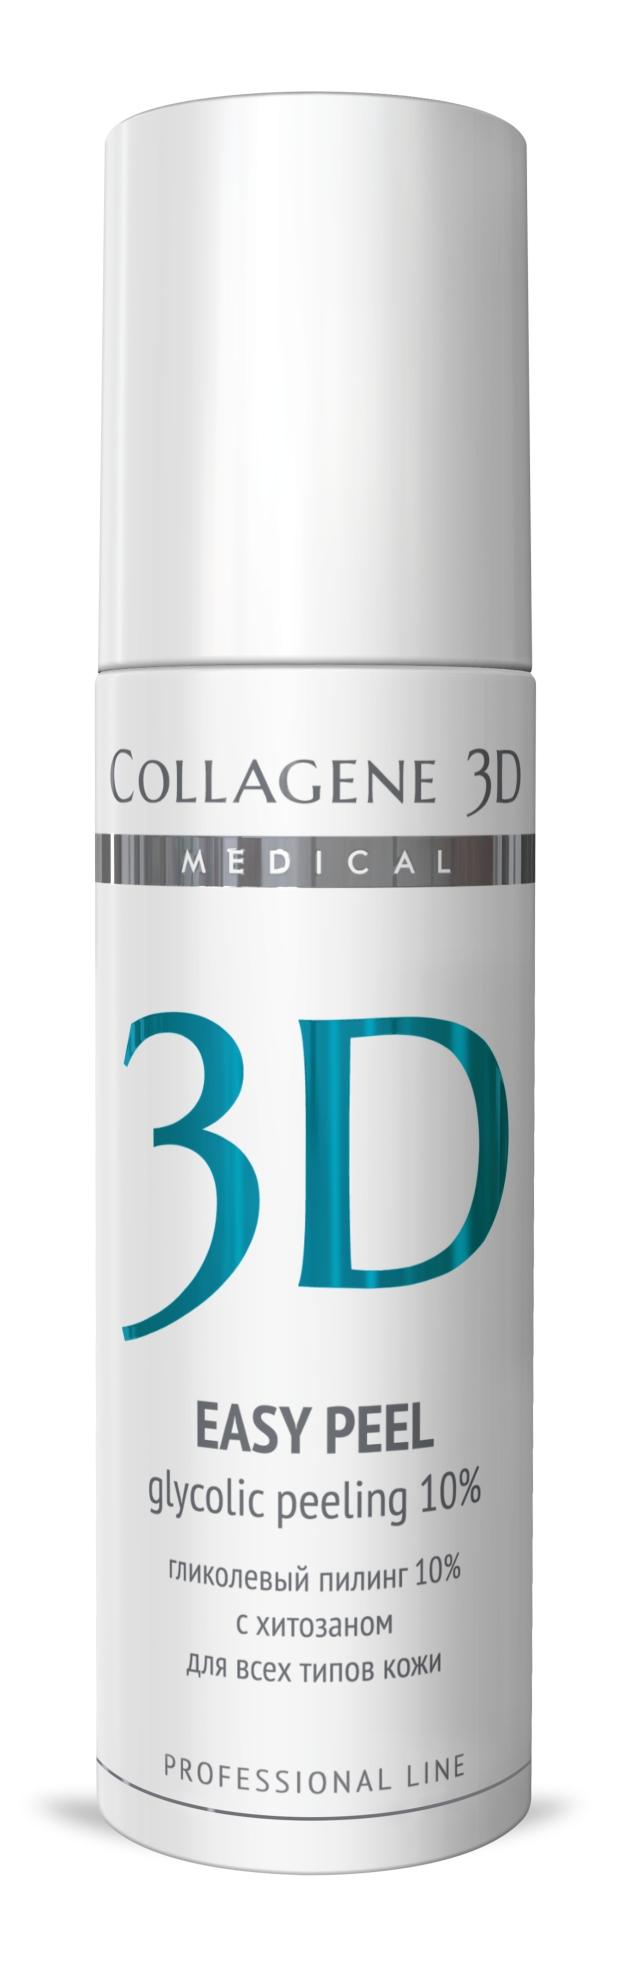 MEDICAL COLLAGENE 3D Гель-пилинг с хитозаном на основе гликолевой кислоты 10% (pH 2,8) Easy Peel 130мл проф.Пилинги<br>Разработан для наилучшей подготовки кожи к проведению коллагеновых процедур. Гликолевая кислота удаляет верхние слои эпидермиса, повышая биодоступность коллагена, стимулирует синтез собственного коллагена кожи, уменьшает складки и морщинки, постепенно обесцвечивает участки гиперпигментации. Хитозан стимулирует заживление, обеспечивает естественное увлажнение, оказывает антибактериальное действие. Активные ингредиенты: гликолевая кислота 10%, хитозан. Способ применения: нанести кистью на сухую предварительно очищенную кожу лица, шеи и область декольте. Длительность процедуры 5-7 минут до появления гиперемии (легкого покраснения). Затем тщательно смыть прохладной водой и просушить кожу. Может применяться в качестве подготовительного средства для процедуры поверхностных и срединных пилингов с более высокой концентрацией. Пилинг не требует нейтрализации.<br><br>Тип: Гель-пилинг<br>Объем: 130